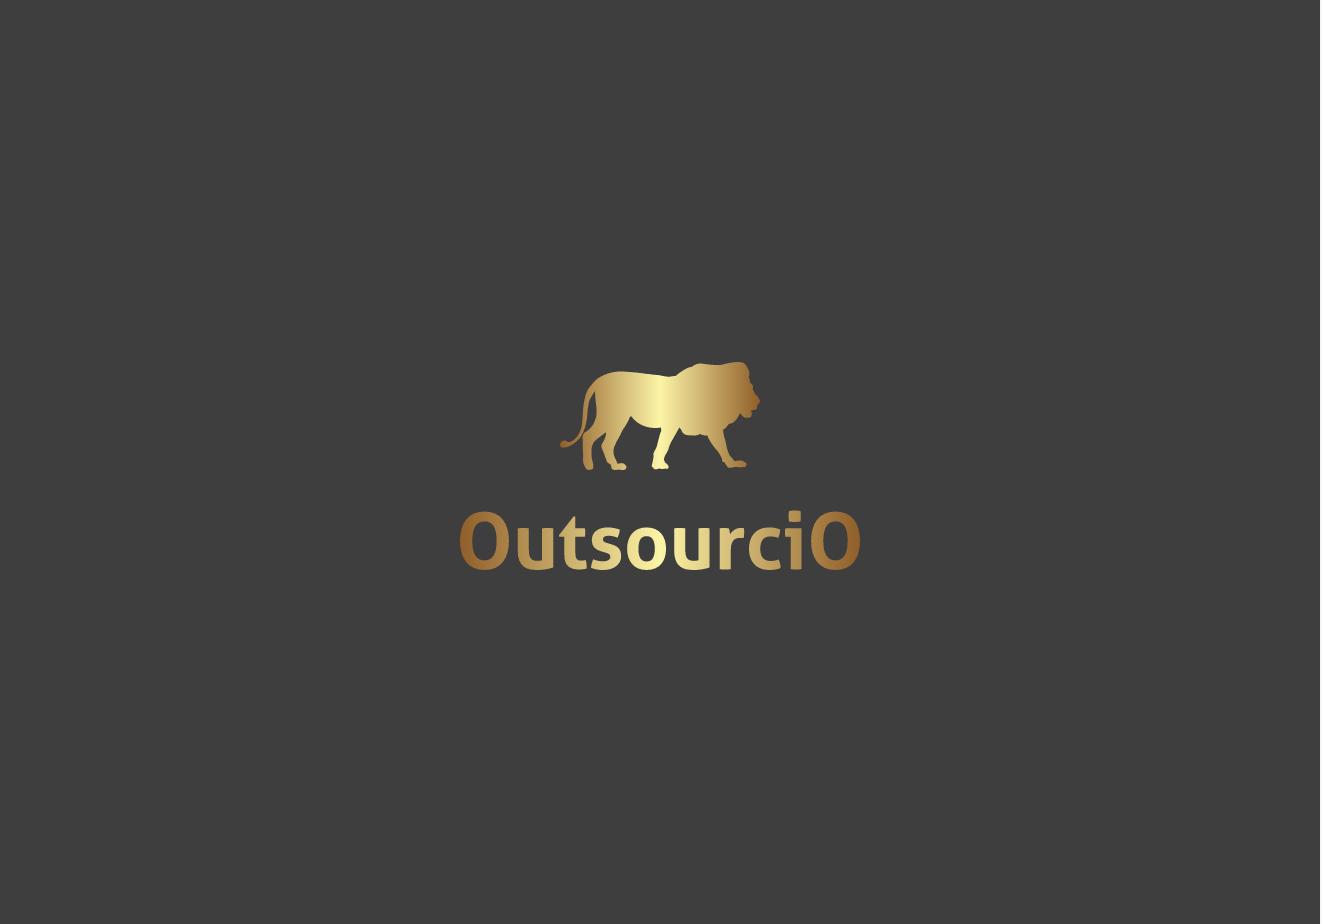 Outsourcio